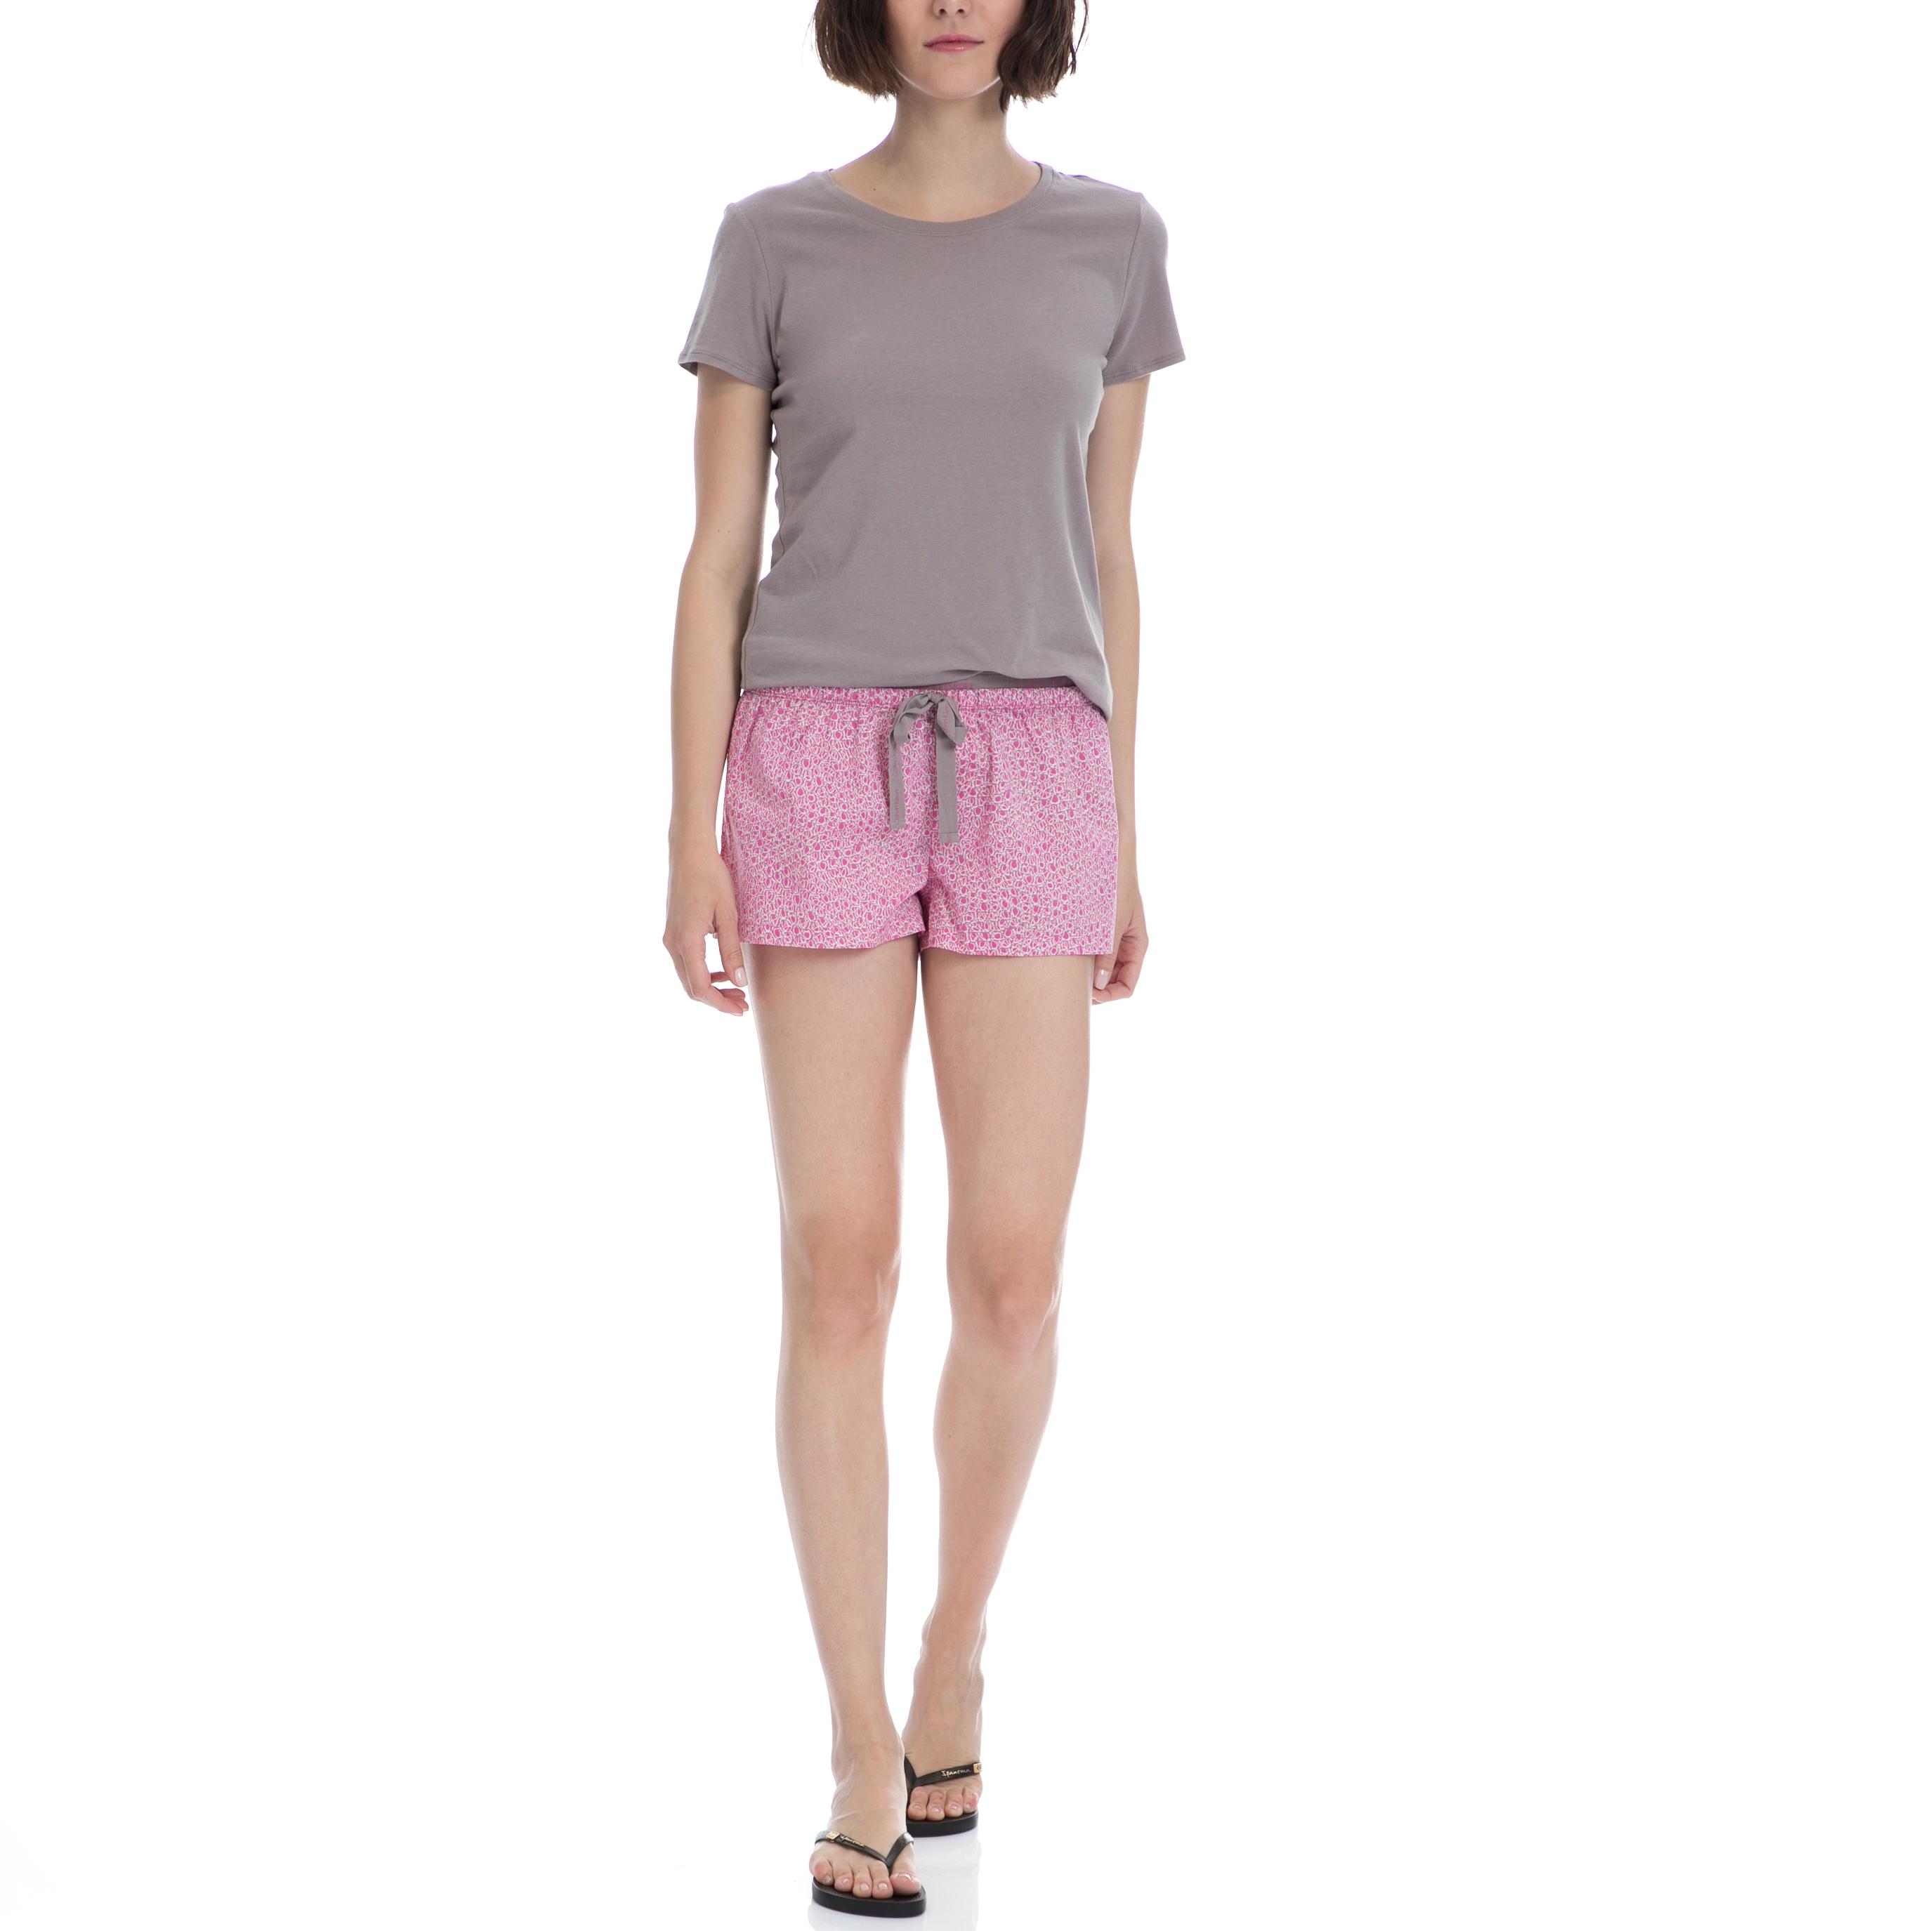 CK UNDERWEAR – Σετ πυτζάμες Calvin Klein ροζ-χακί-γκρι